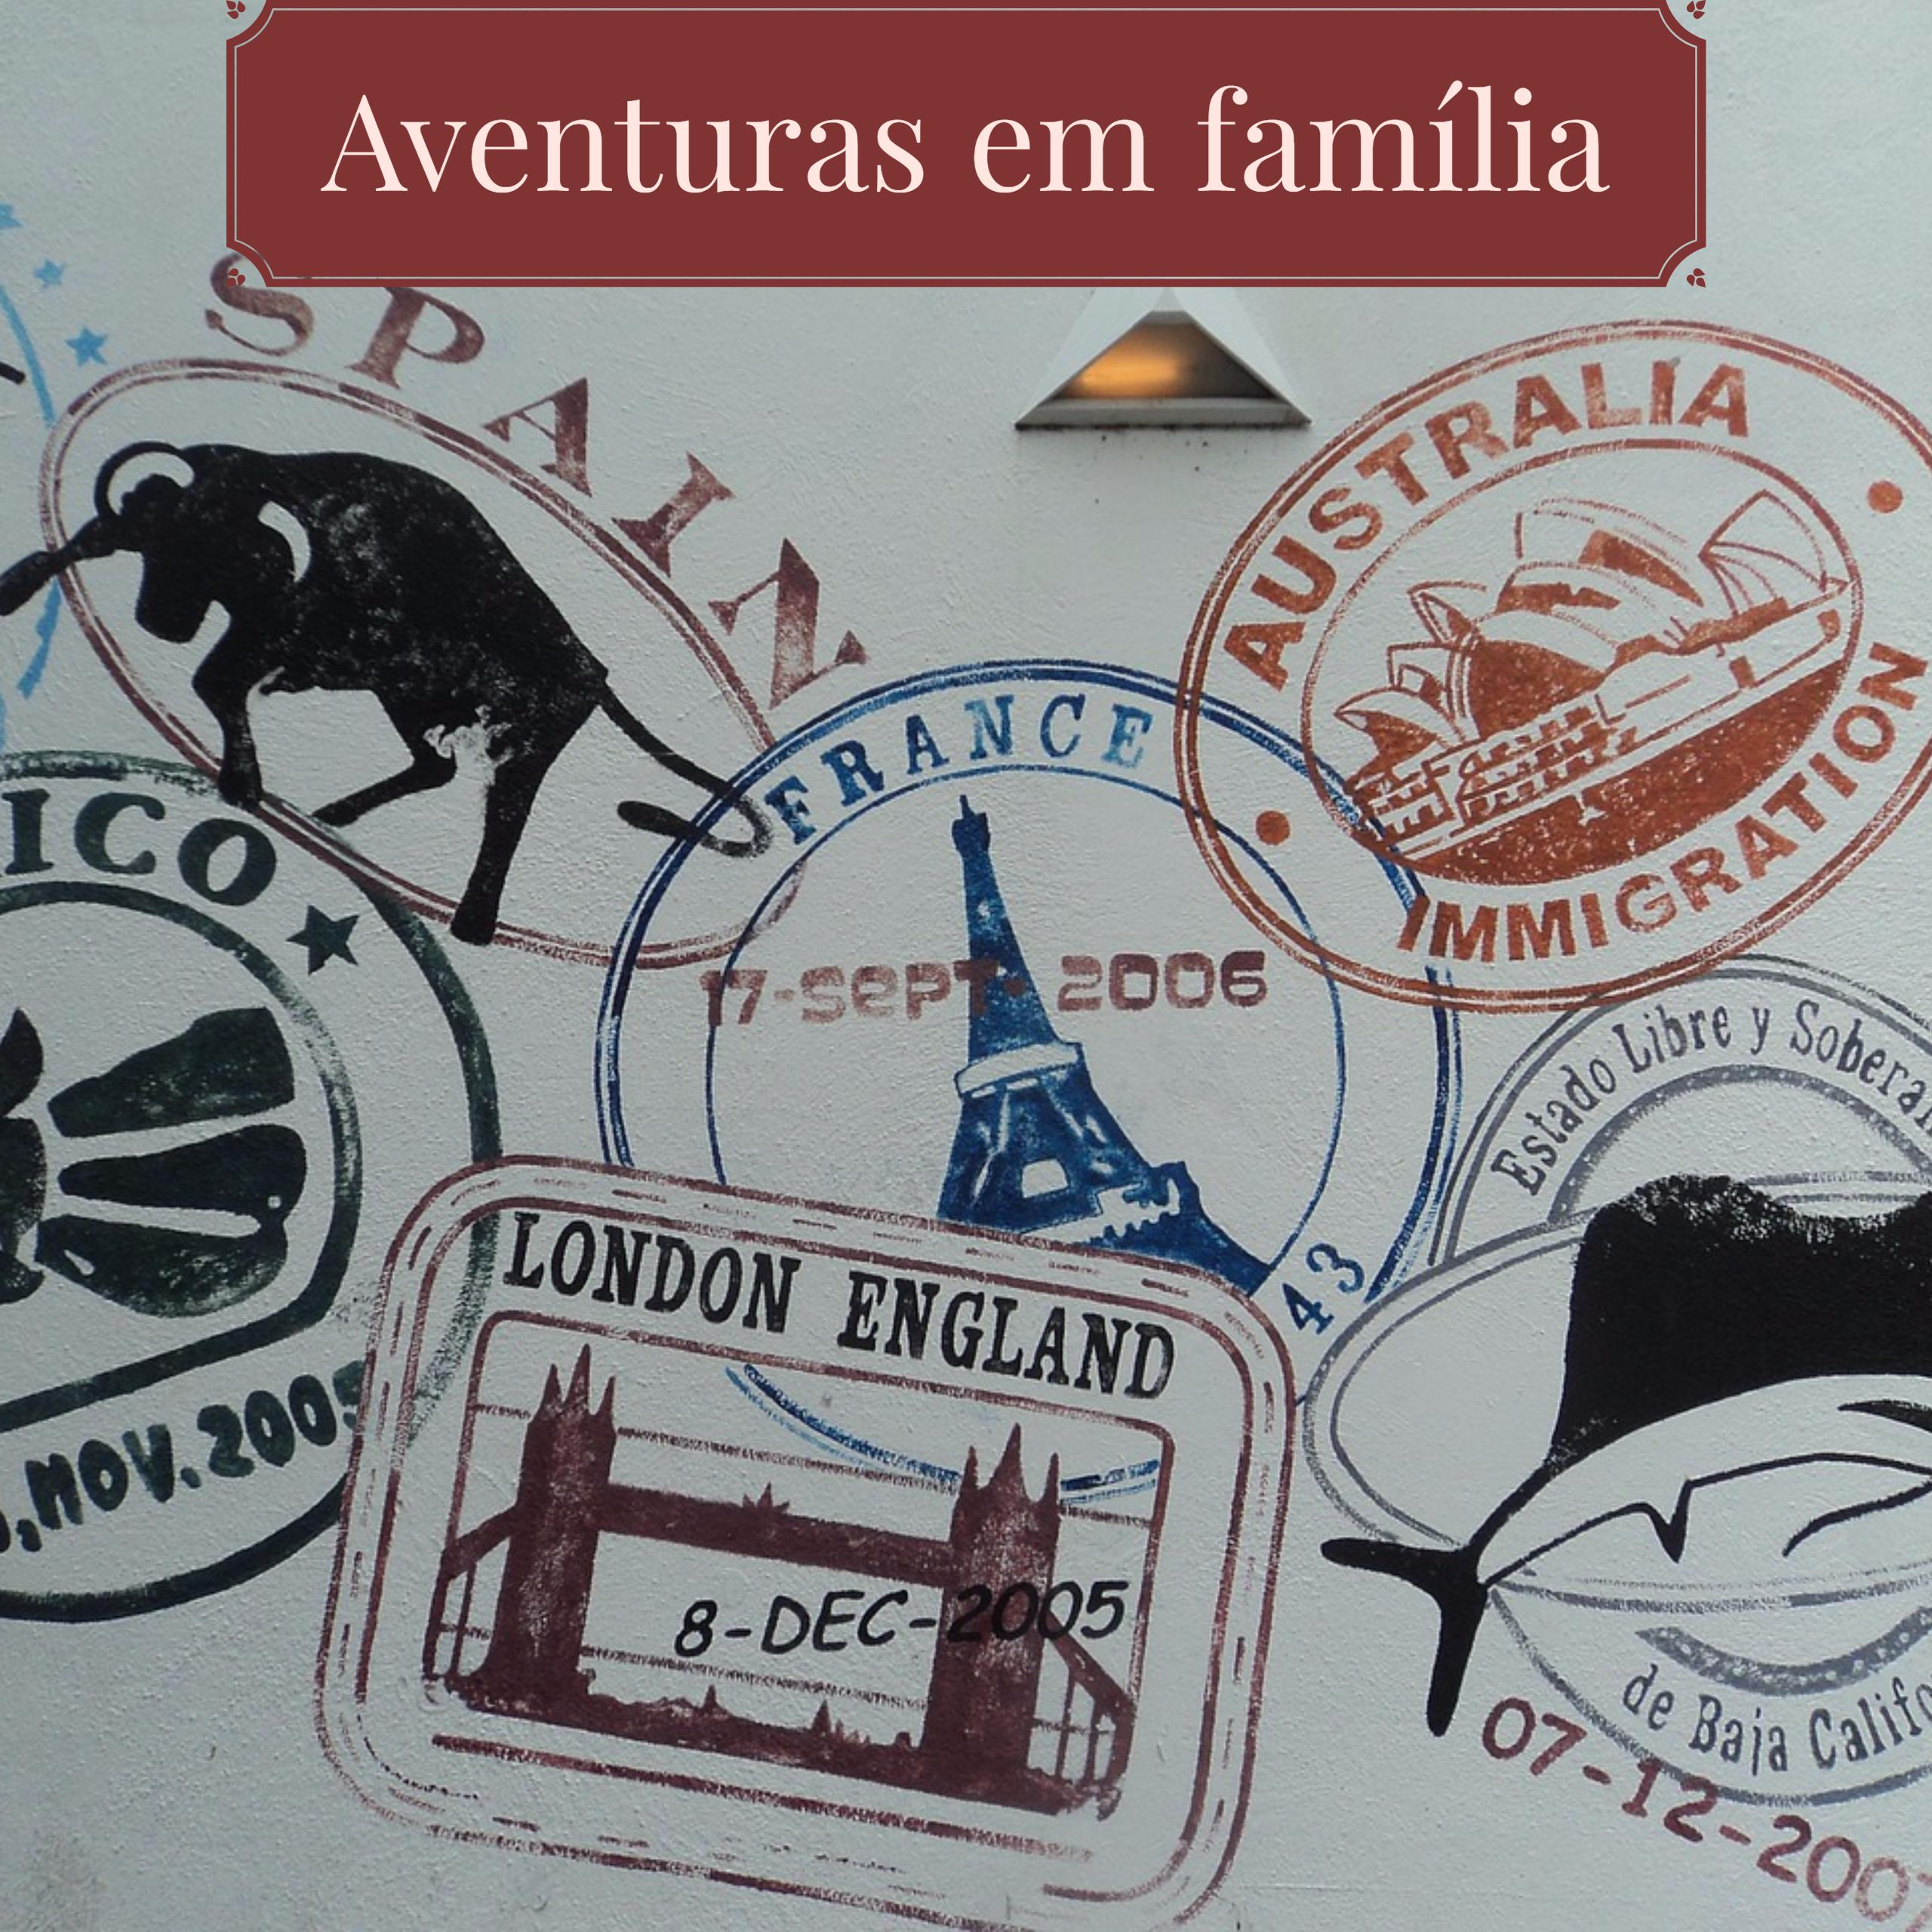 Passaporte de Aventuras em Família